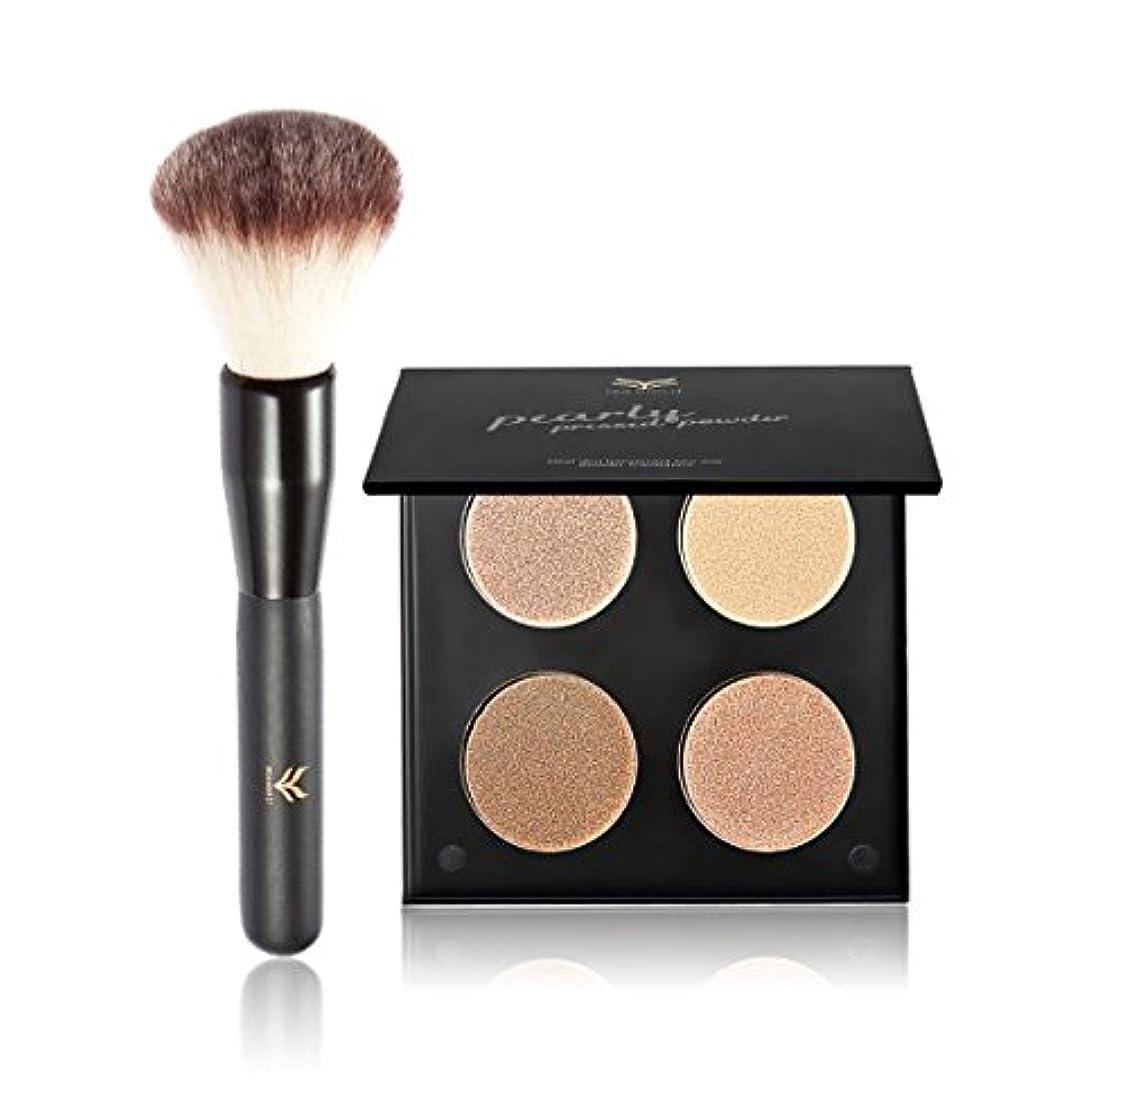 大胆不敵邪魔するくぼみ4 Colors Highlight Pressed Powder Pallete with Blush Makeup Brush Contour Shadow Powder Makeup Pallete Kit Cosmetic